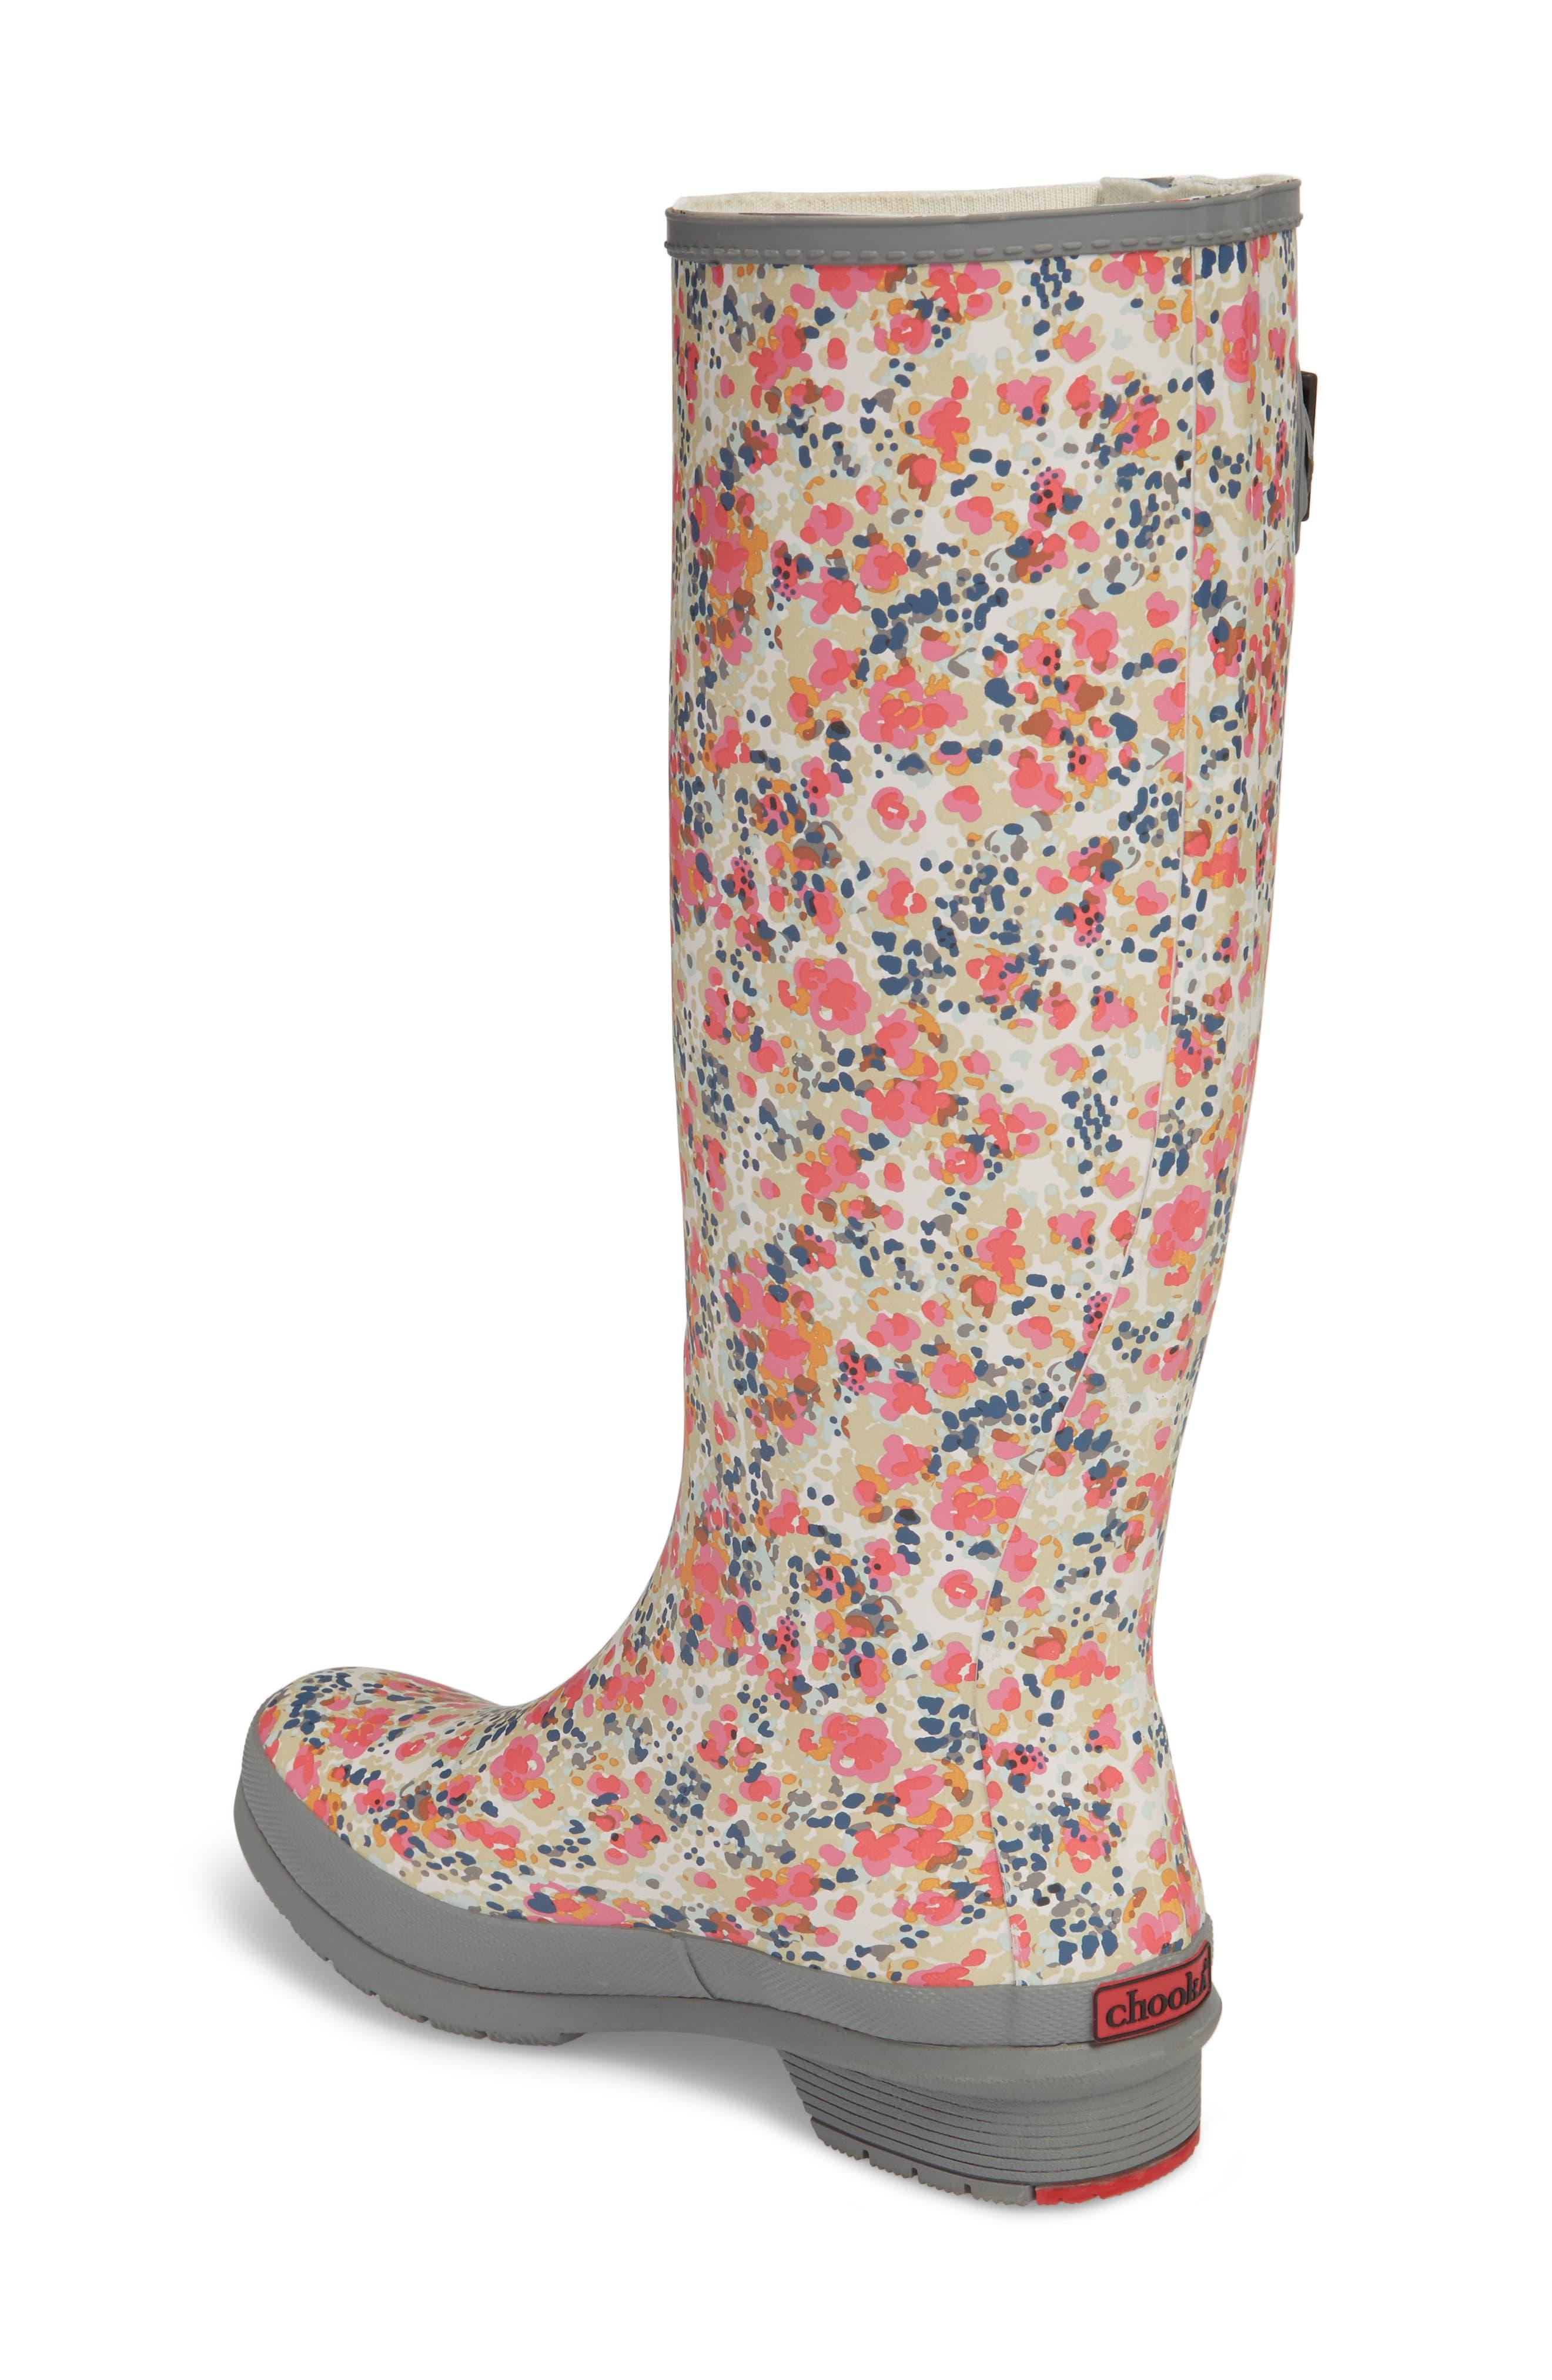 Chooka Women's Julia Floral Waterproof Rain Boot mW0HAK